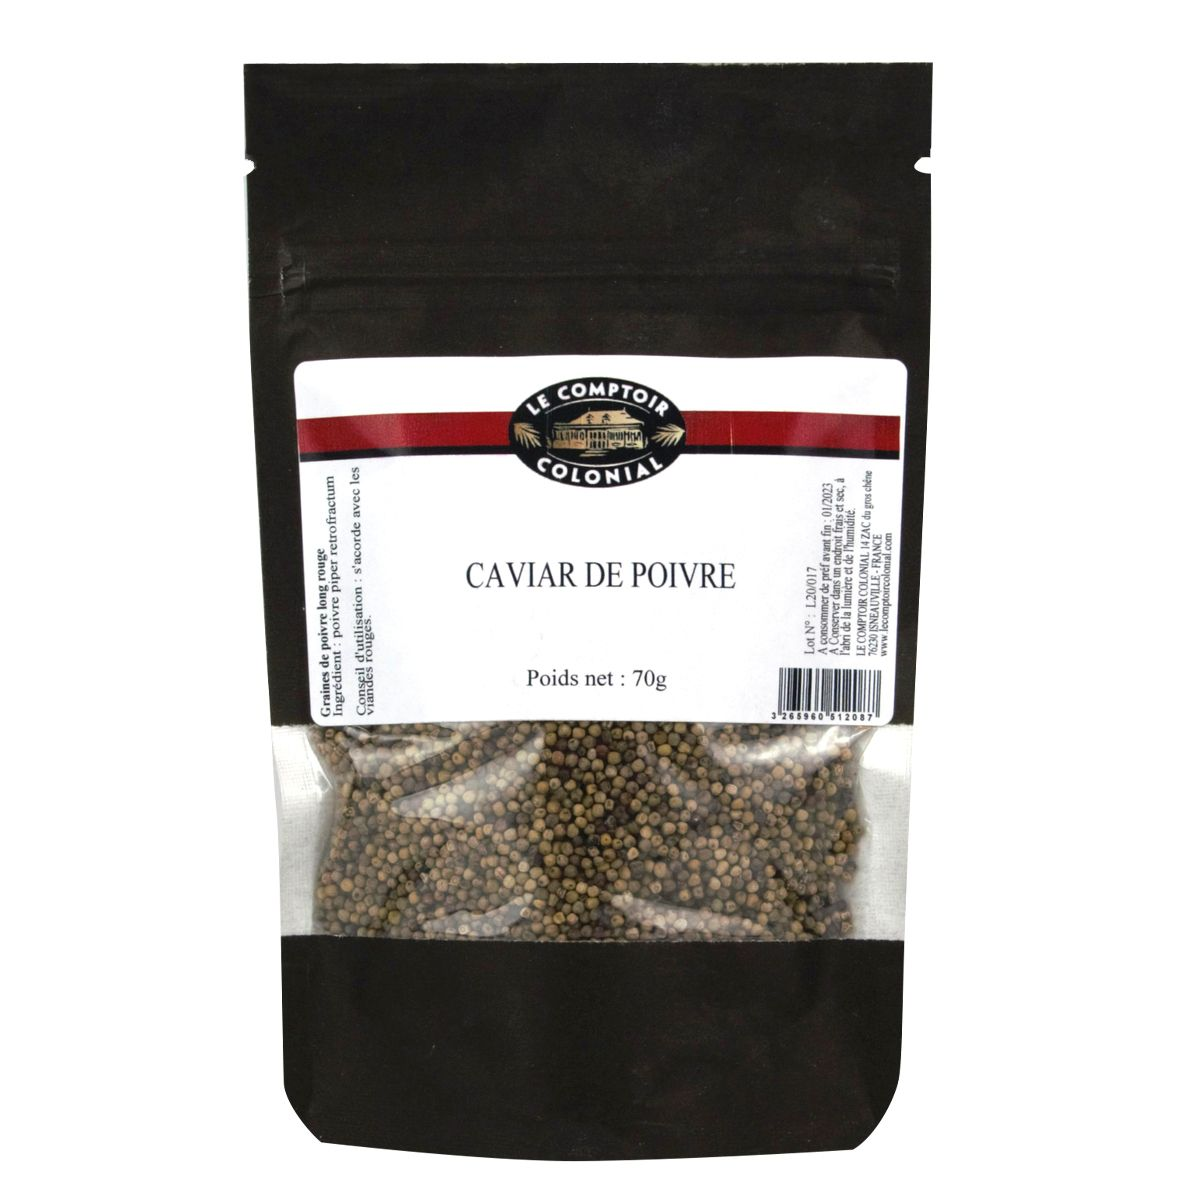 Caviar de poivre 70gr - Le Comptoir Colonial